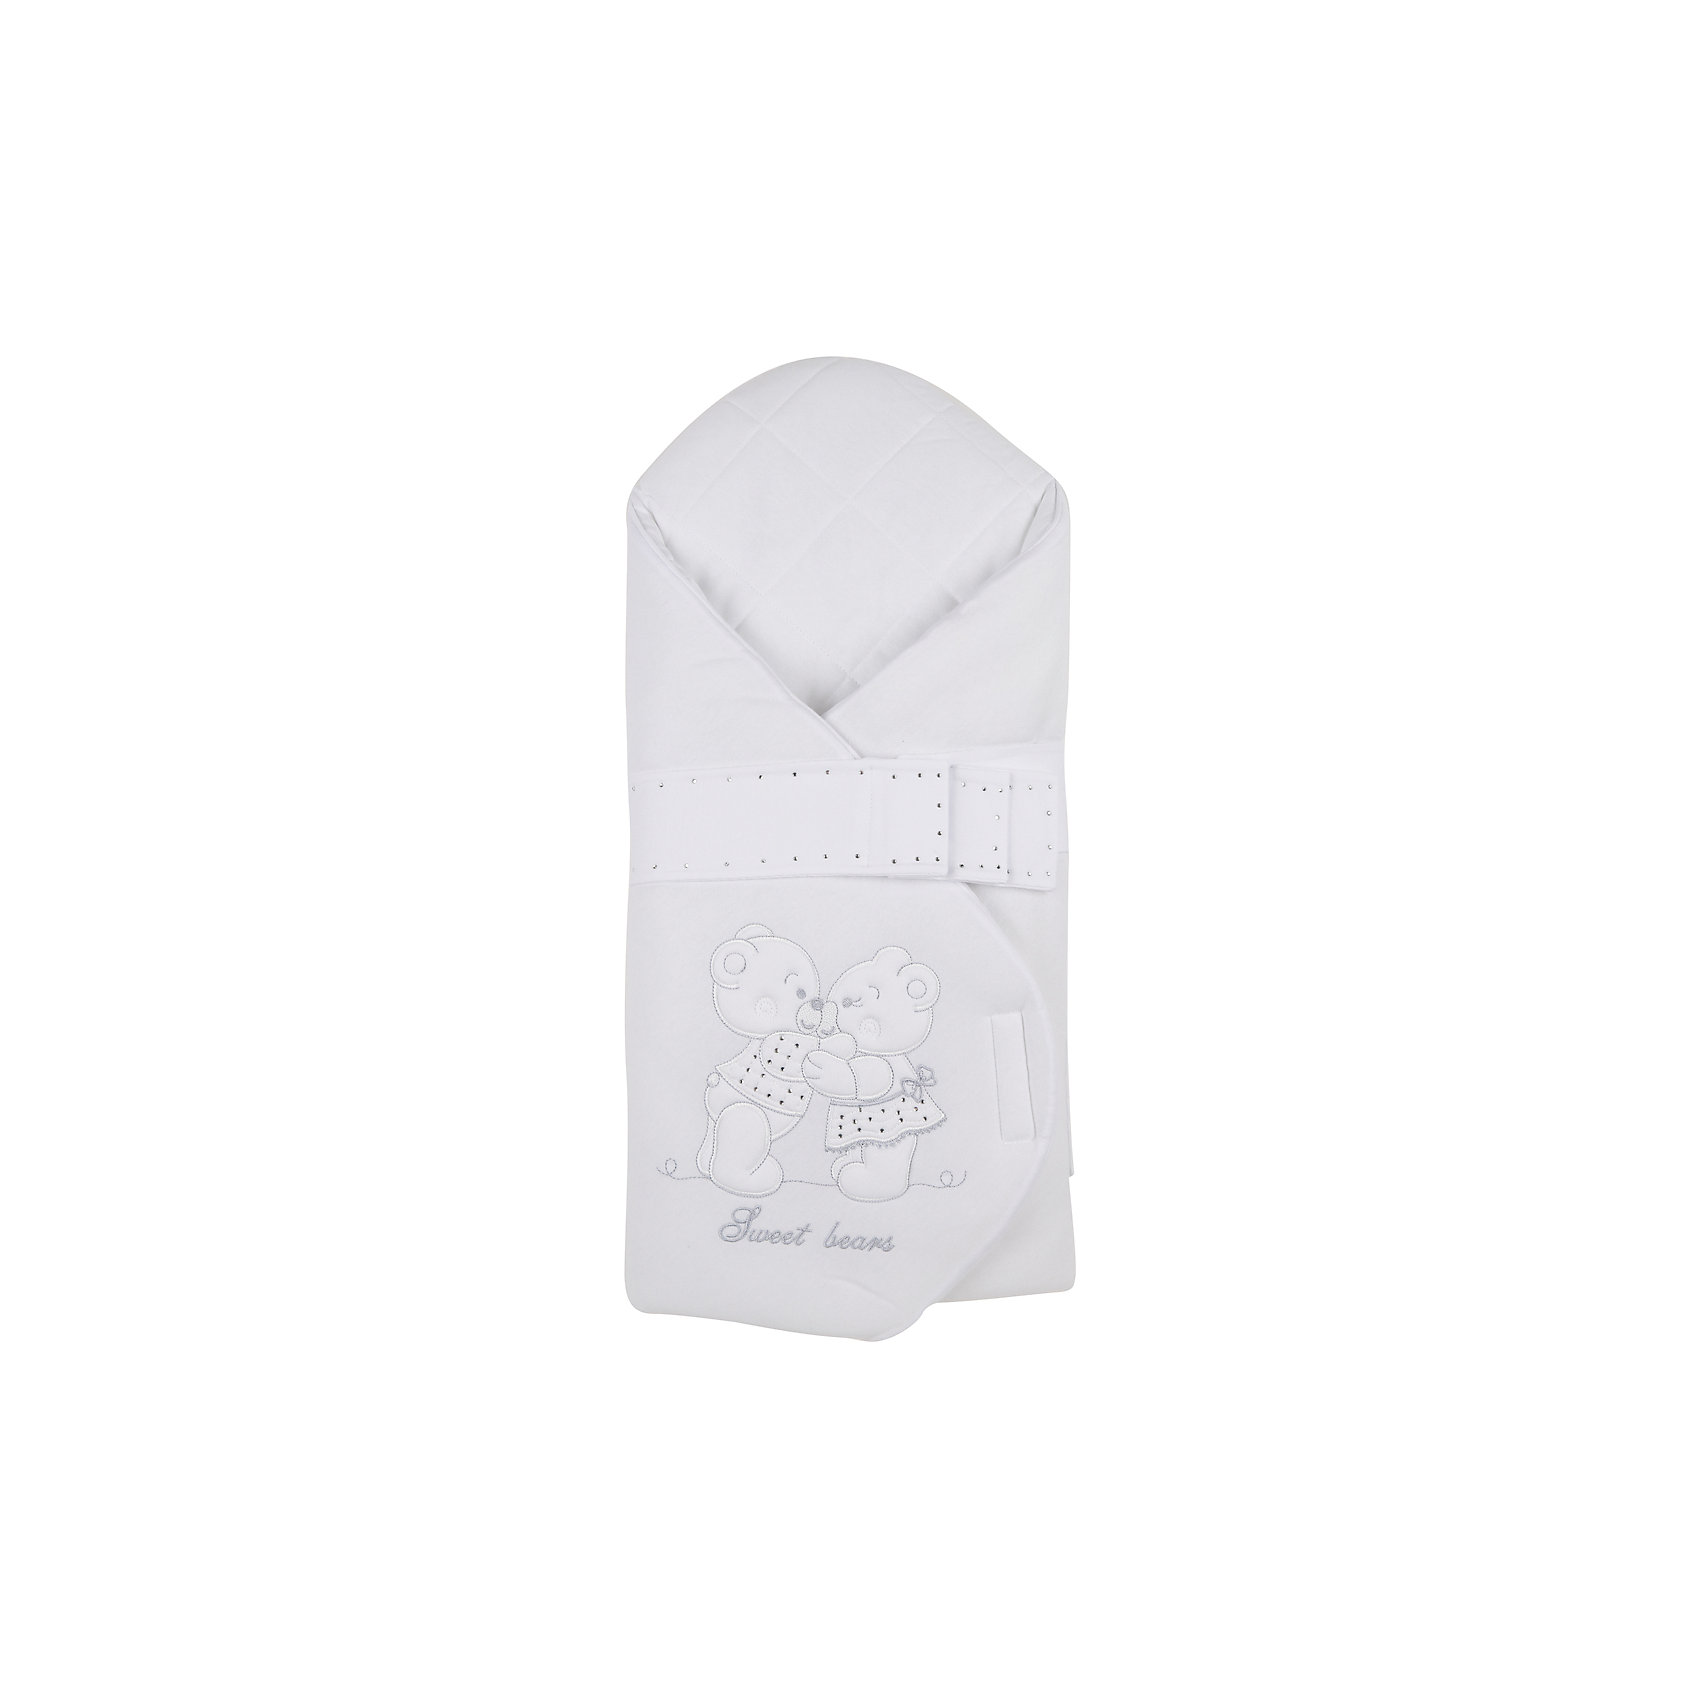 Конверт на выписку Calusek, SOFIJA, белыйCalusek - белоснежный конверт для выписки крохи из роддома от популярного польского бренда детских товаров Sofija(София). Изготовленный из мягкой качественной ткани, конверт идеально подойдет  для  нежной кожи малыша. Можно использовать для прогулок с коляской. Конверт украшен милой аппликацией, декоративным ремешком и вышивкой. Этот конверт поможет сохранить ощущение нежности первых дней!<br>Дополнительная информация:<br>-застегивается на липучку<br>-украшен аппликацией, вышивкой и декоративным ремешком<br>-материал: хлопок; утеплитель: синтепон<br>-вес: 500 грамм<br>-размер: 15х50х90 см<br>Конверт для выписки Calusek вы можете купить в нашем интернет-магазине.<br><br>Ширина мм: 700<br>Глубина мм: 350<br>Высота мм: 35<br>Вес г: 300<br>Возраст от месяцев: -2147483648<br>Возраст до месяцев: 2147483647<br>Пол: Унисекс<br>Возраст: Детский<br>SKU: 4904896